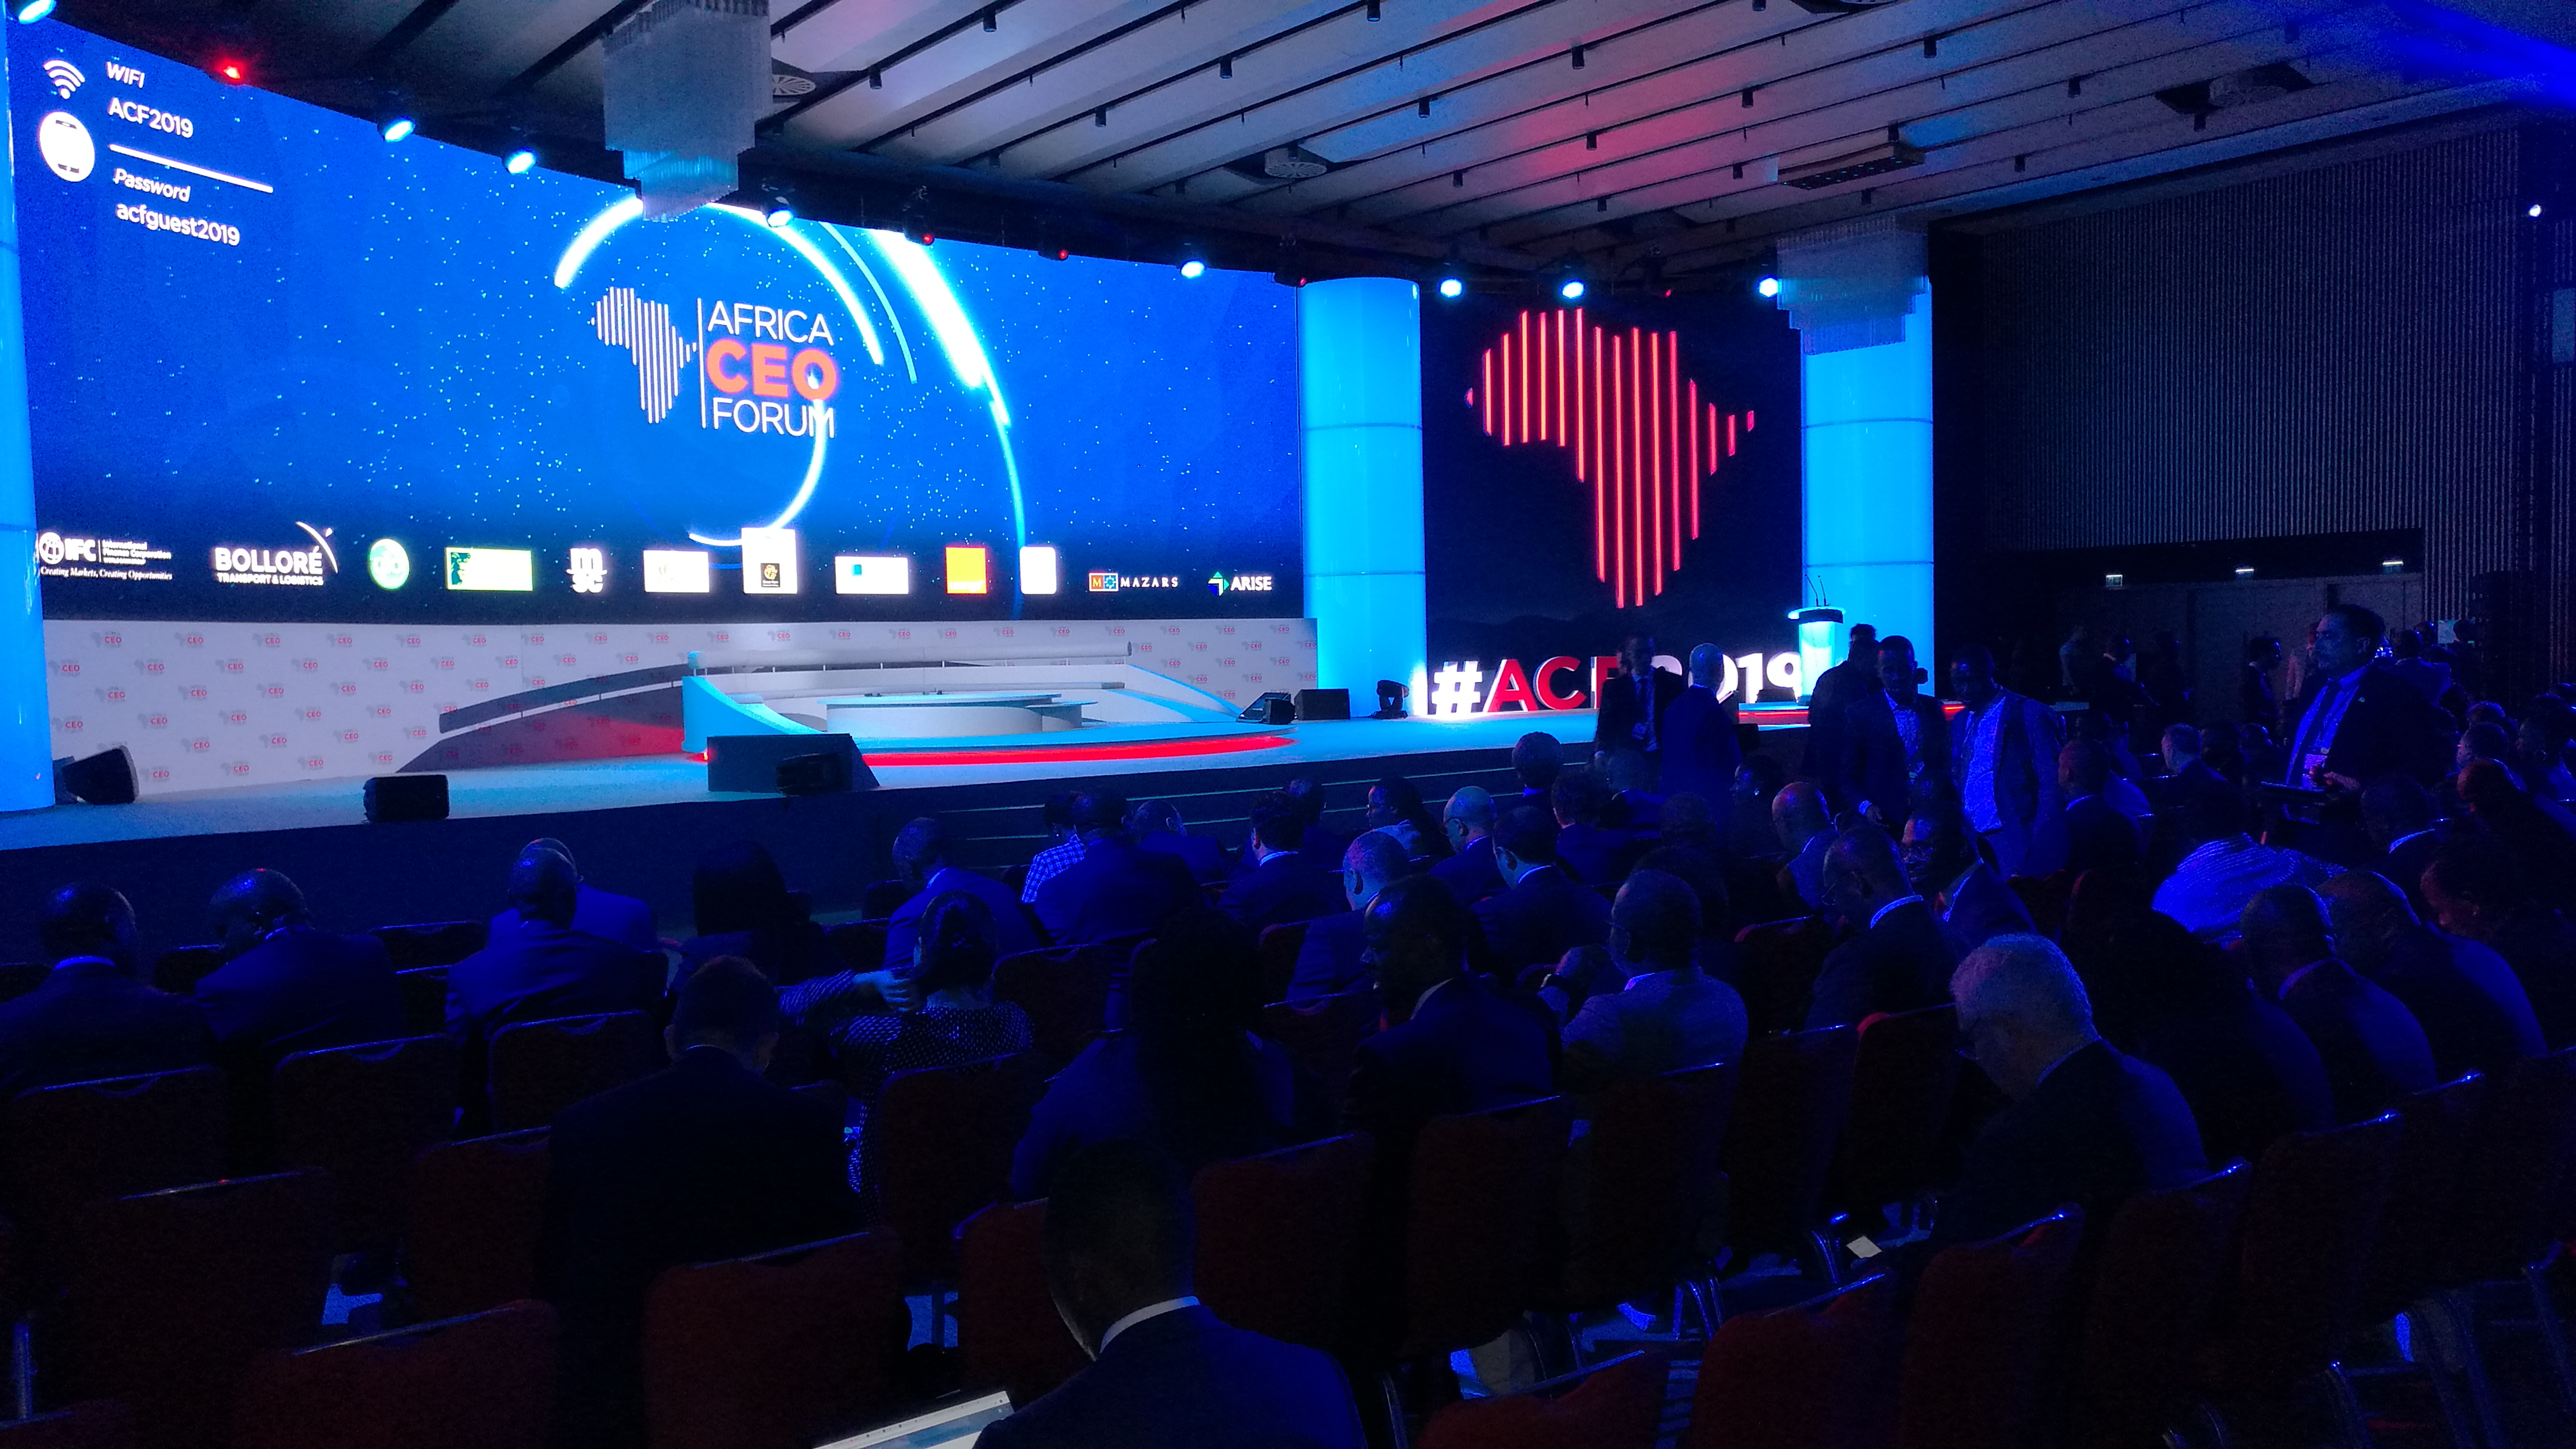 Africa Ceo Forum : le panel présidentiel met Kagame face à Tshisekedi 2